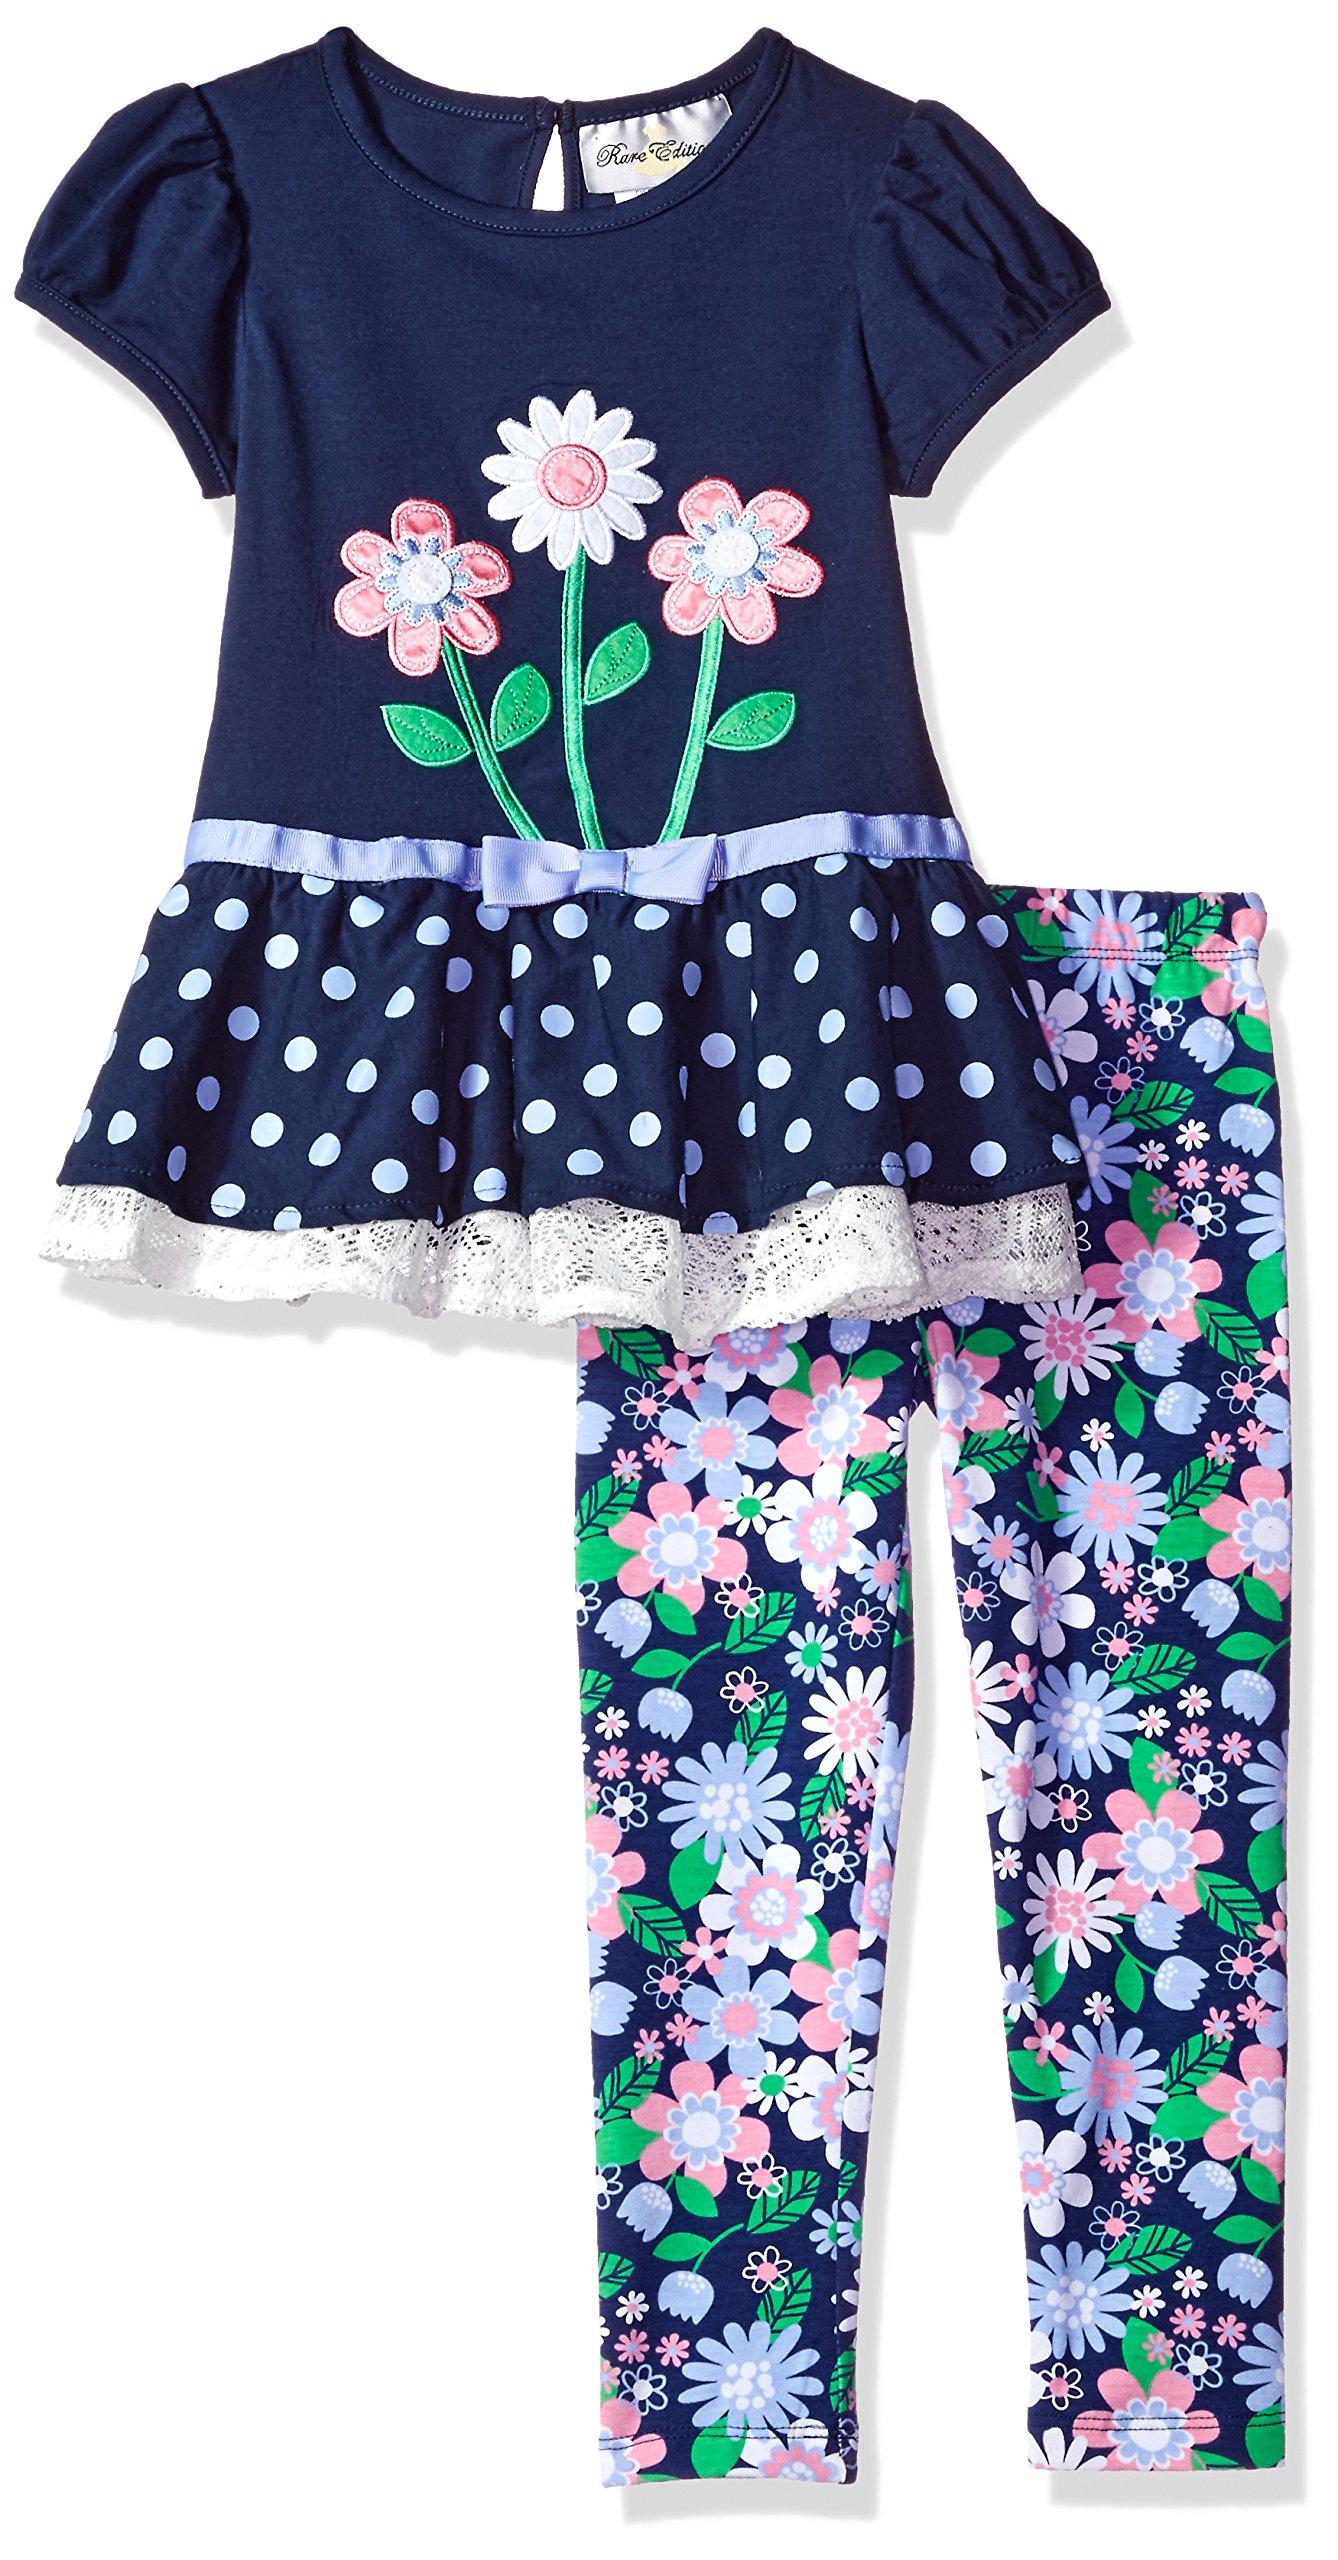 Rare Editions Little Girls' Flower Applique Legging Set, Navy/Multi, 5